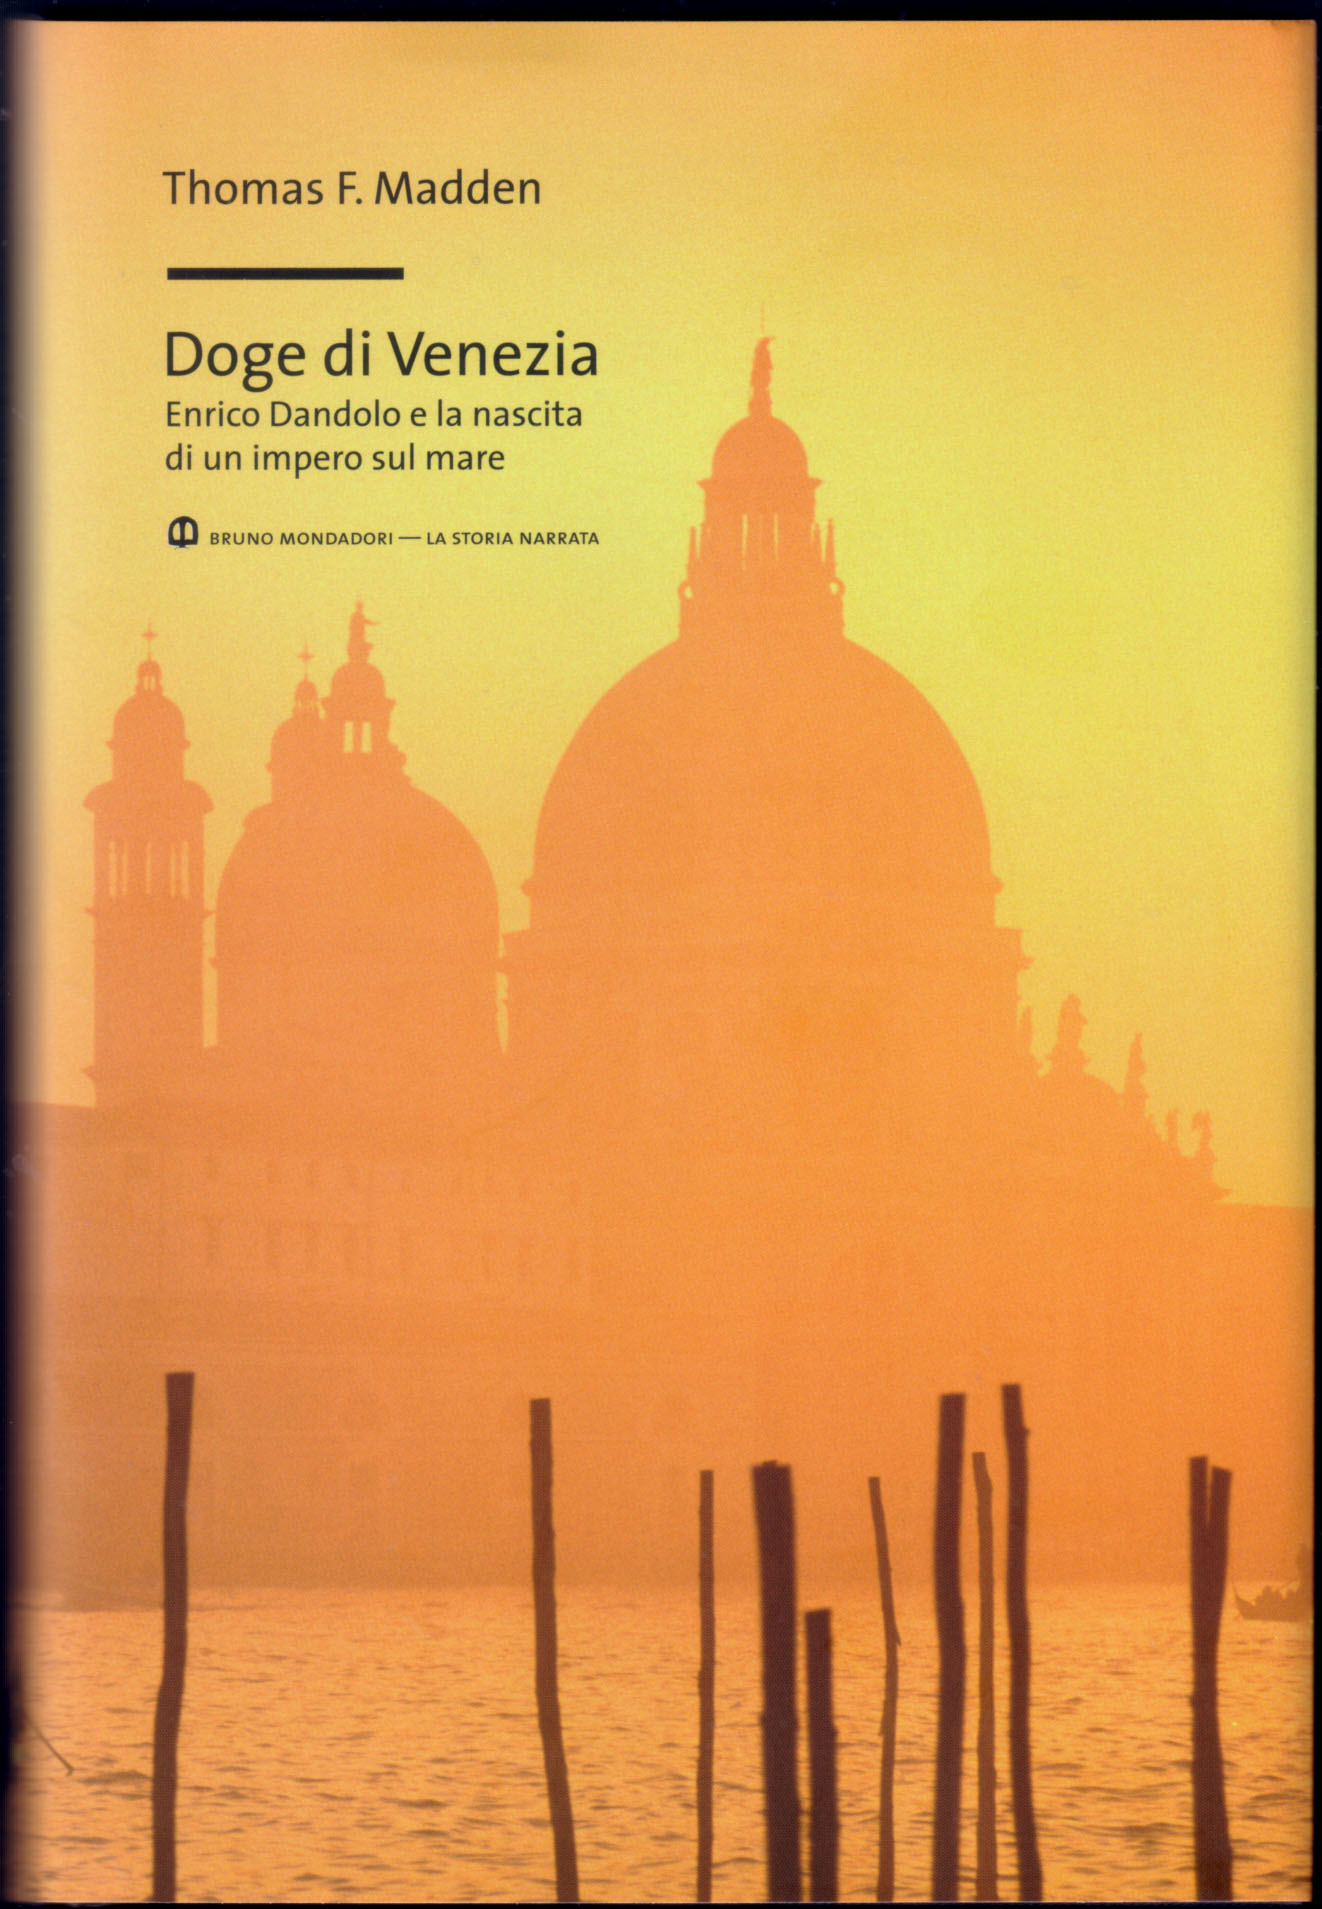 Doge di Venezia